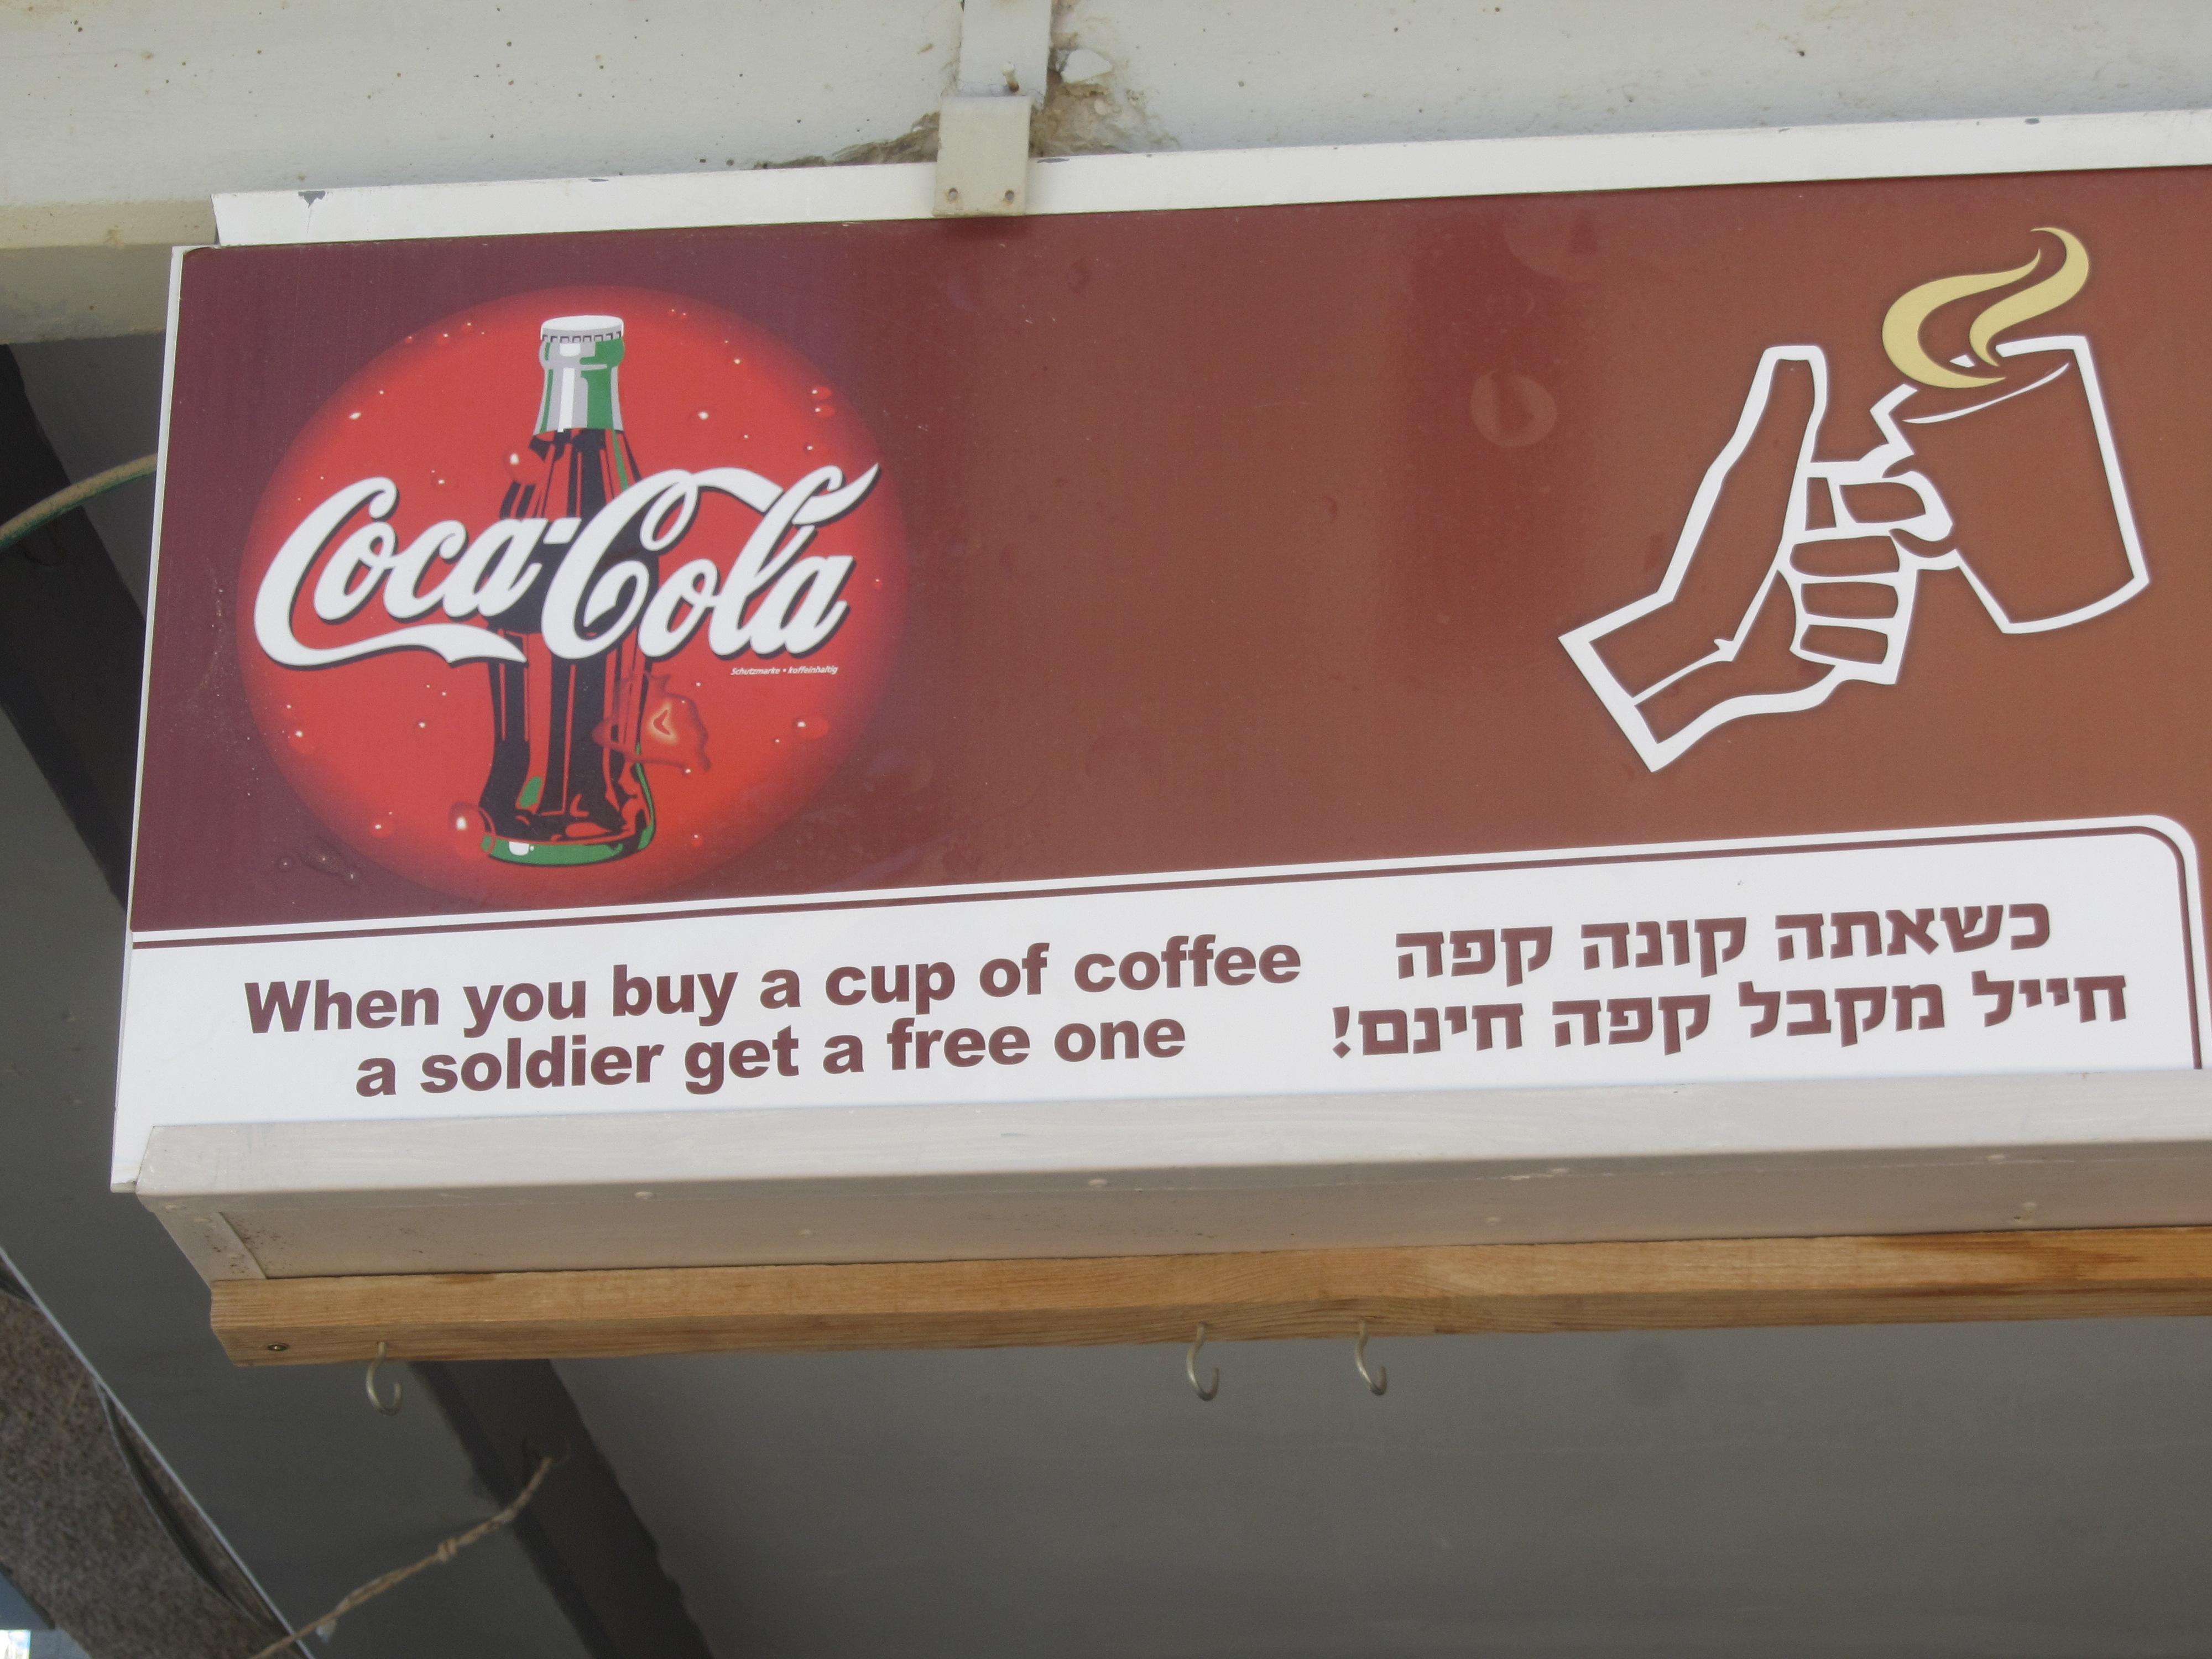 IDF soldier gets drink